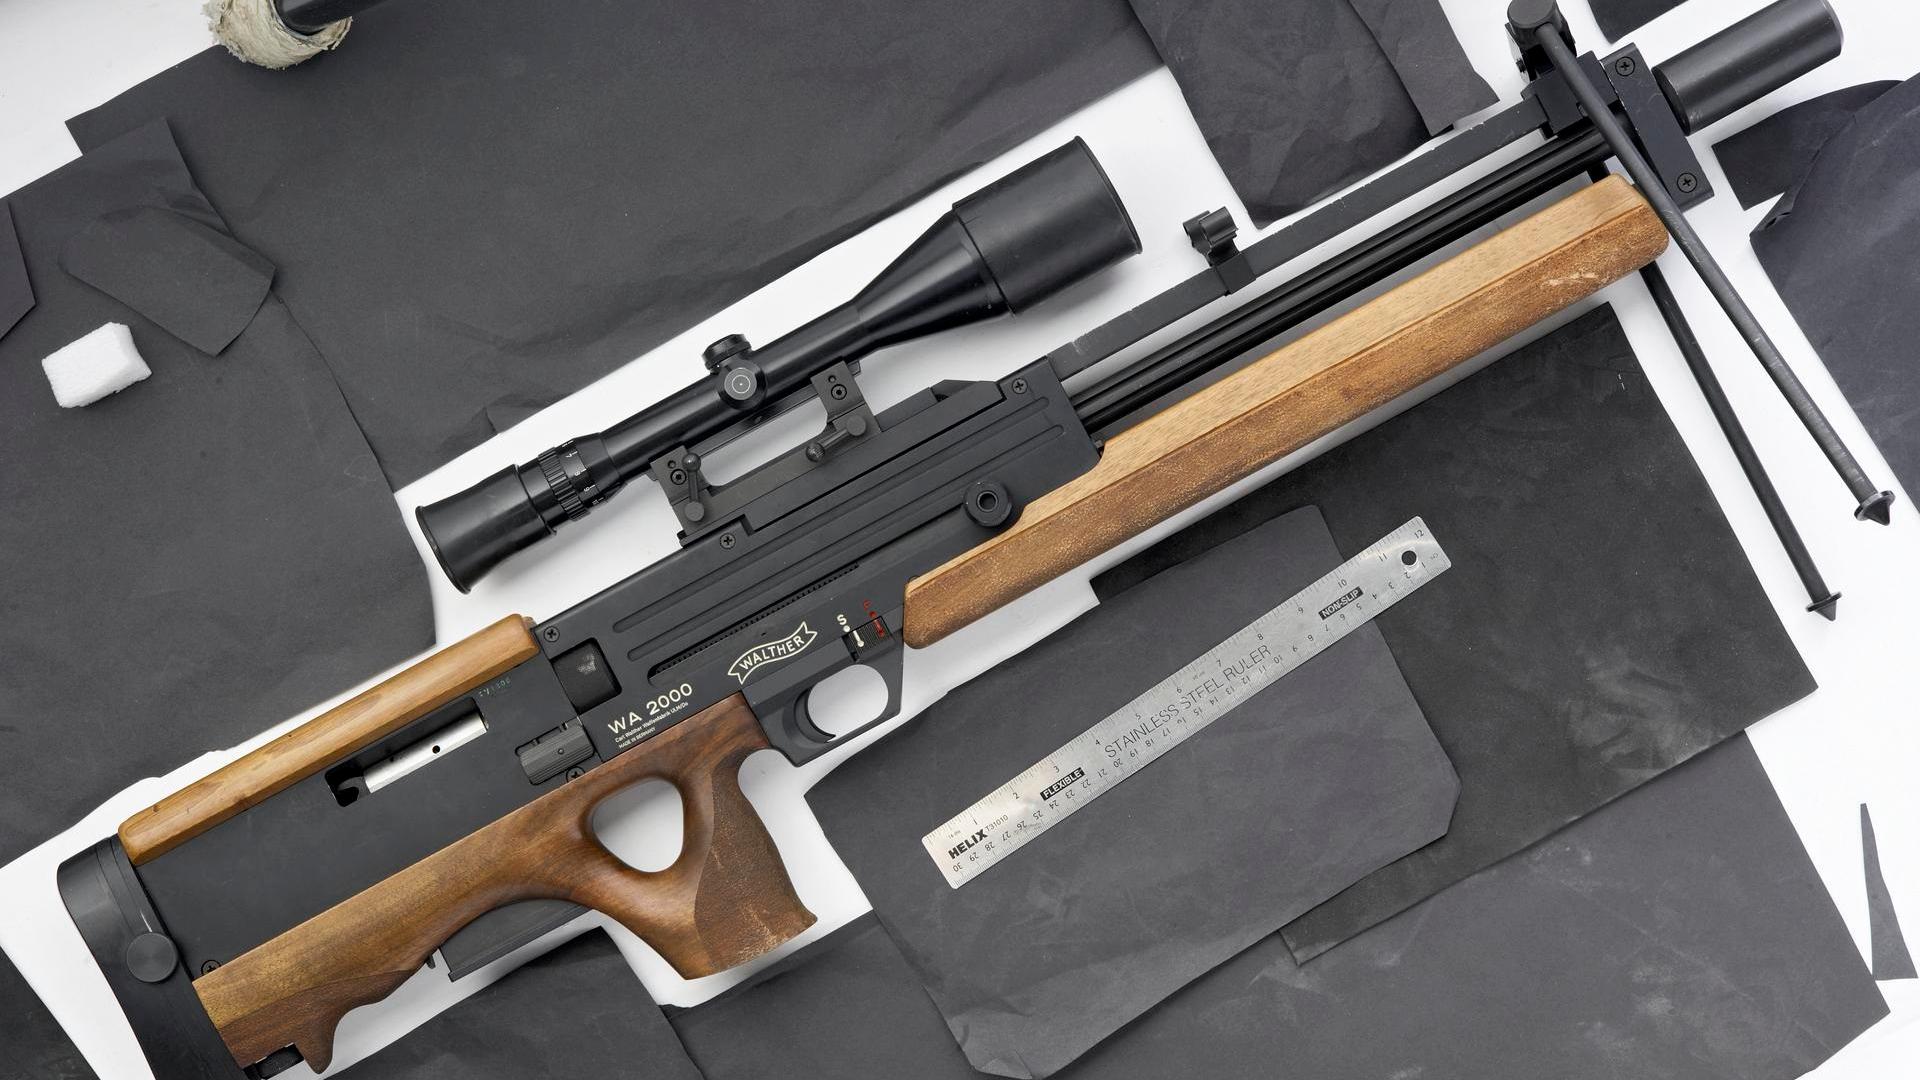 【讲堂573期】详解瓦尔特WA2000狙击步枪,无托结构设计,售价高达50万人民币